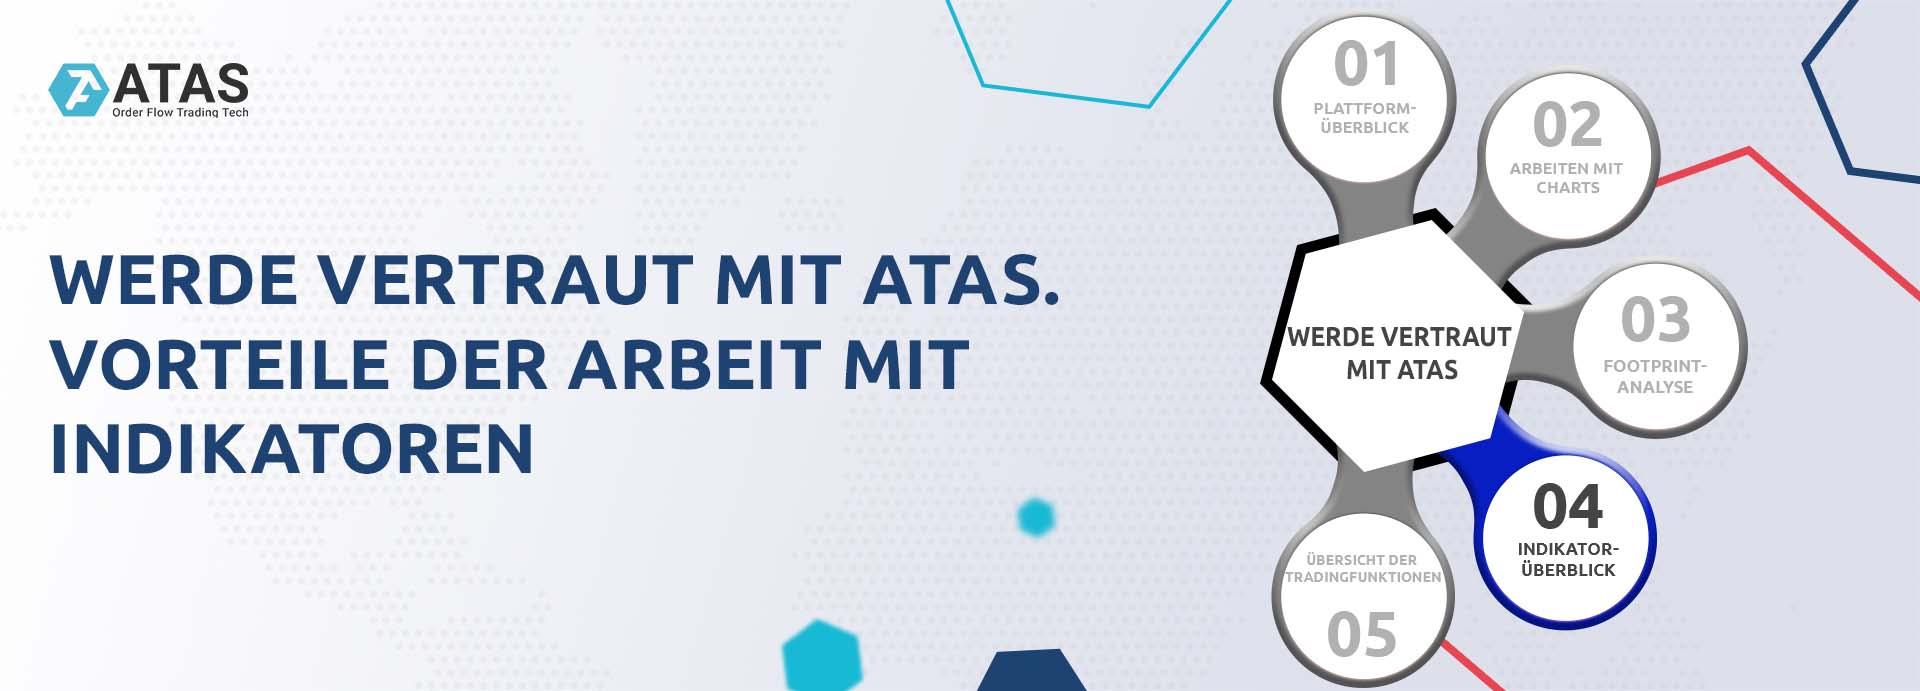 Werde vertraut mit ATAS